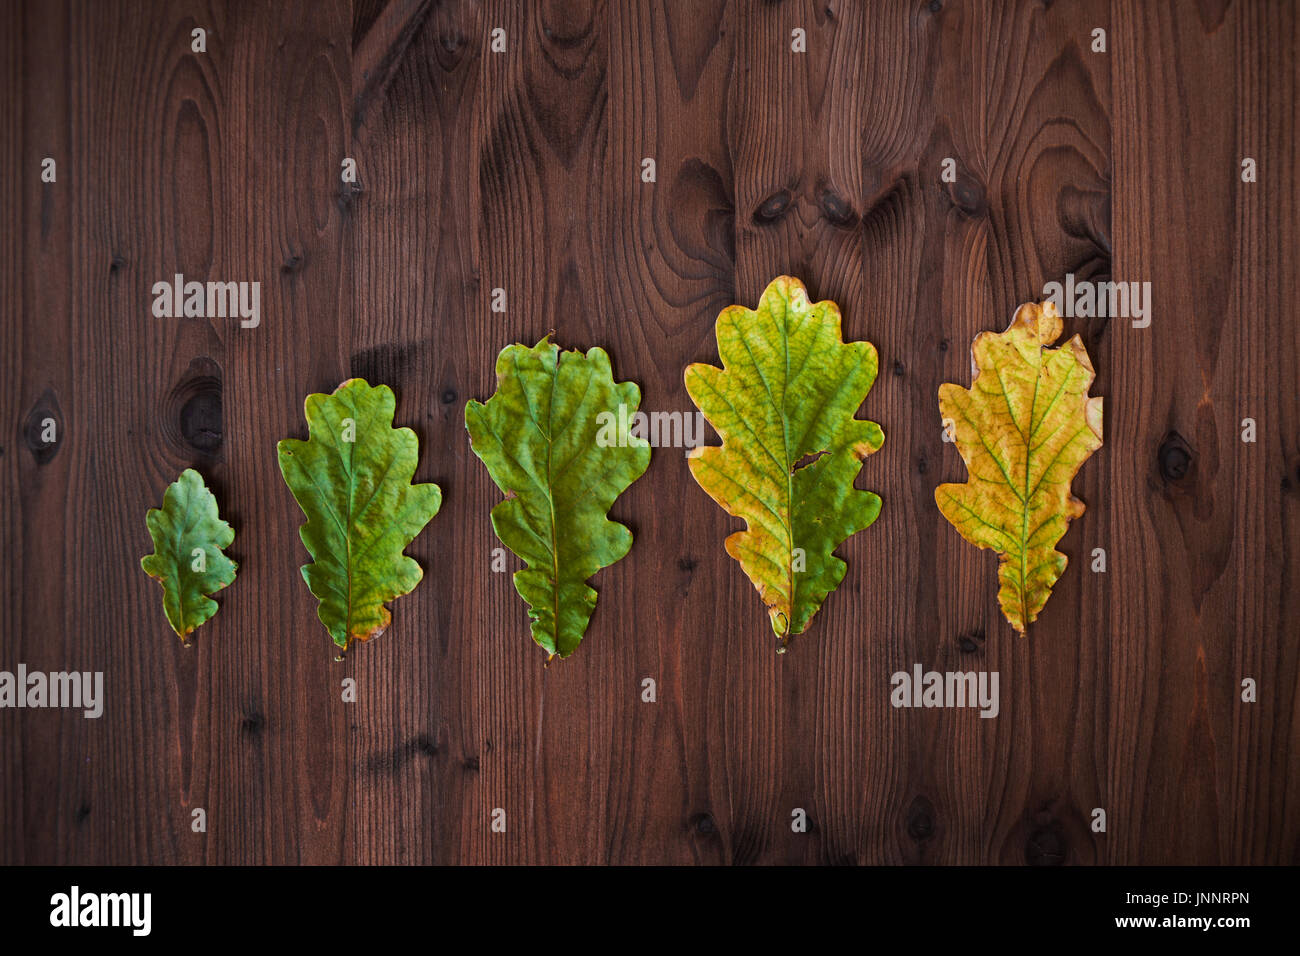 Linie der Eiche Blätter in verschiedenen Stadien des Alterns. Schöne Eiche Blätter auf hölzernen Hintergrund Stockbild